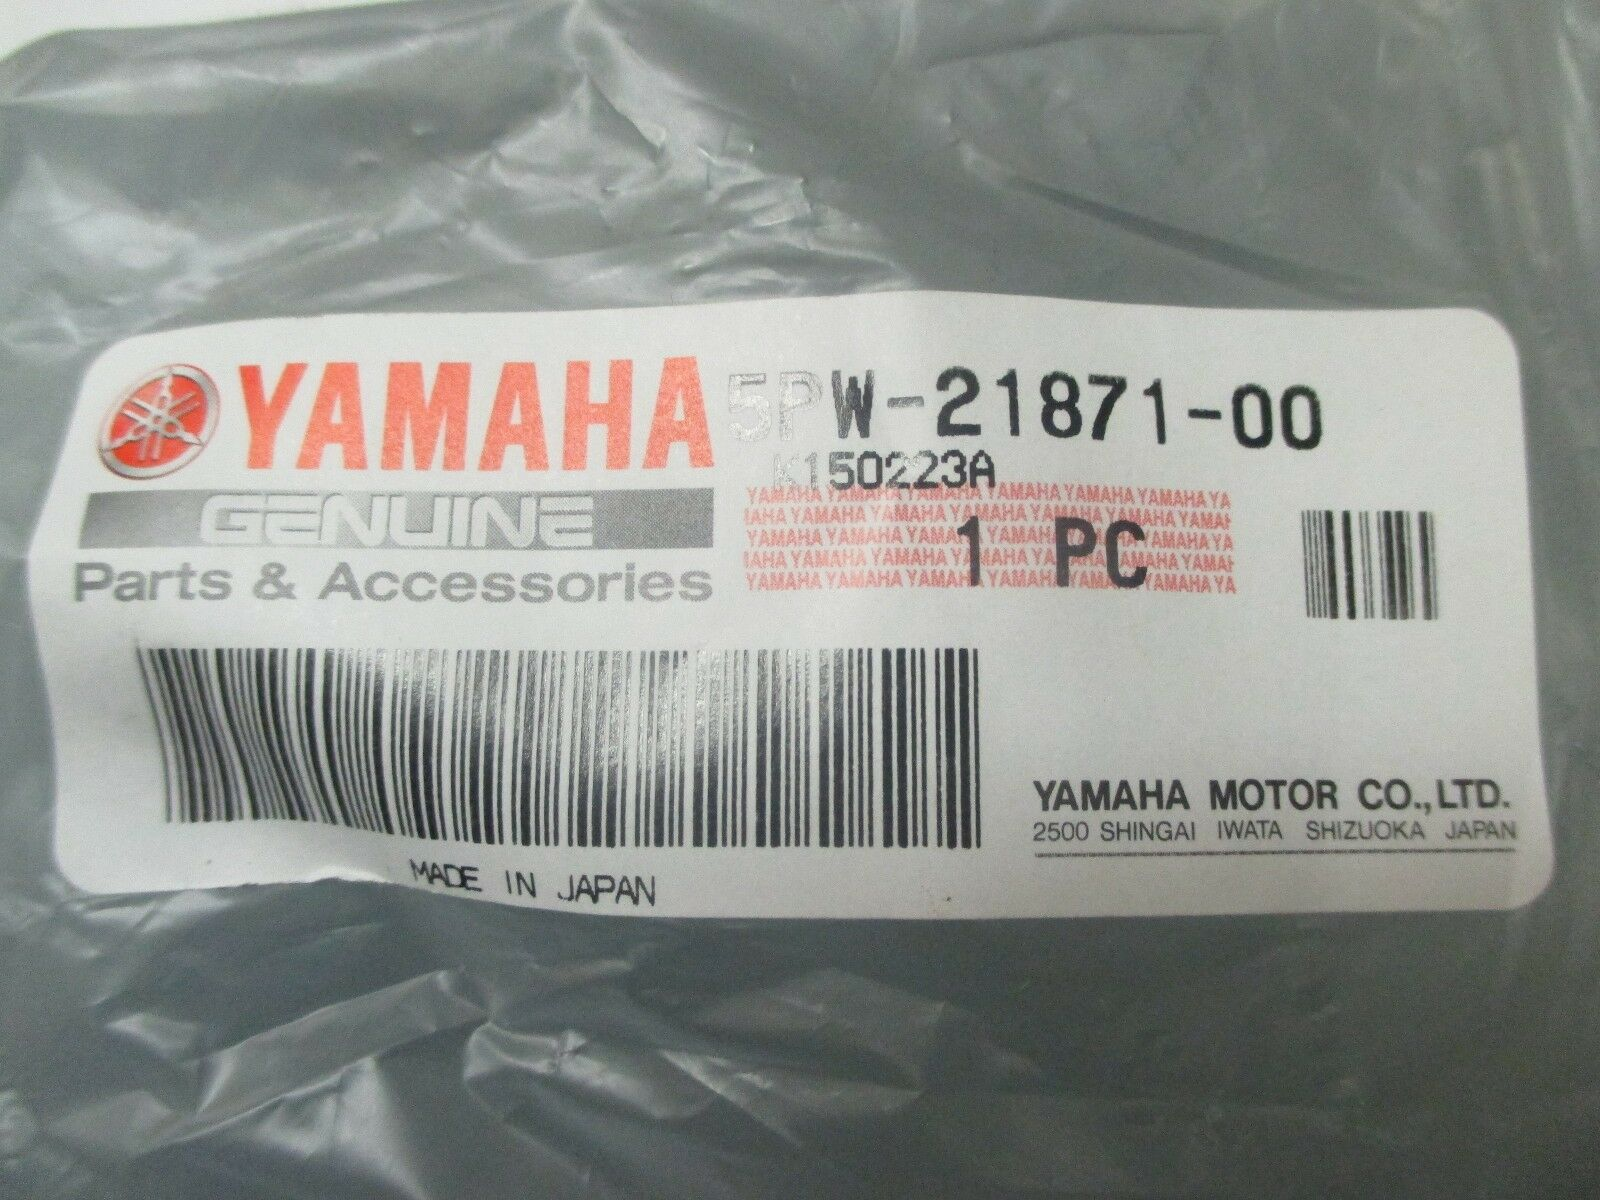 Radiator coolant overflow tank 1998-2001 Yamaha R1 NEW OEM coolant bottle